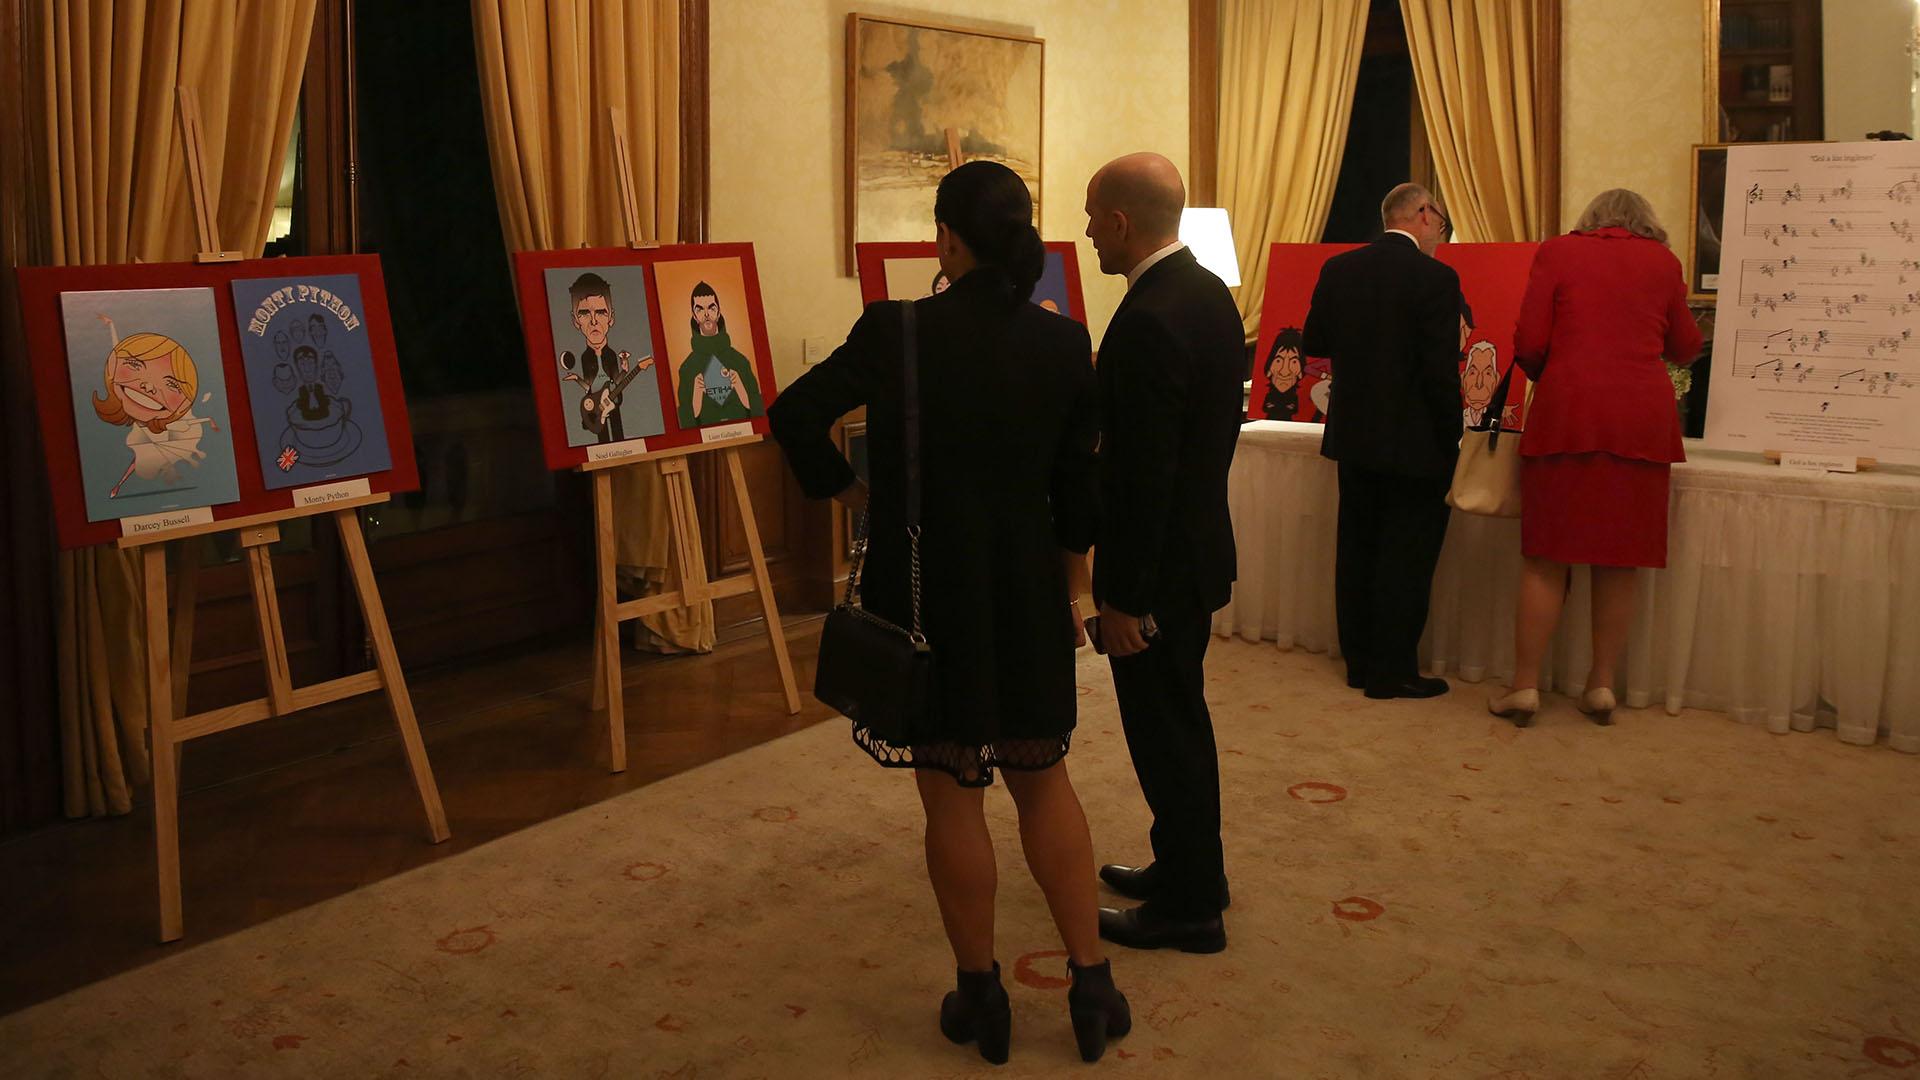 En uno de los salones, se exhibieron dibujos del artista argentino Costhanzo que hablan de la cultura británica, como Sherlock Holmes, Queen o los Monty Python